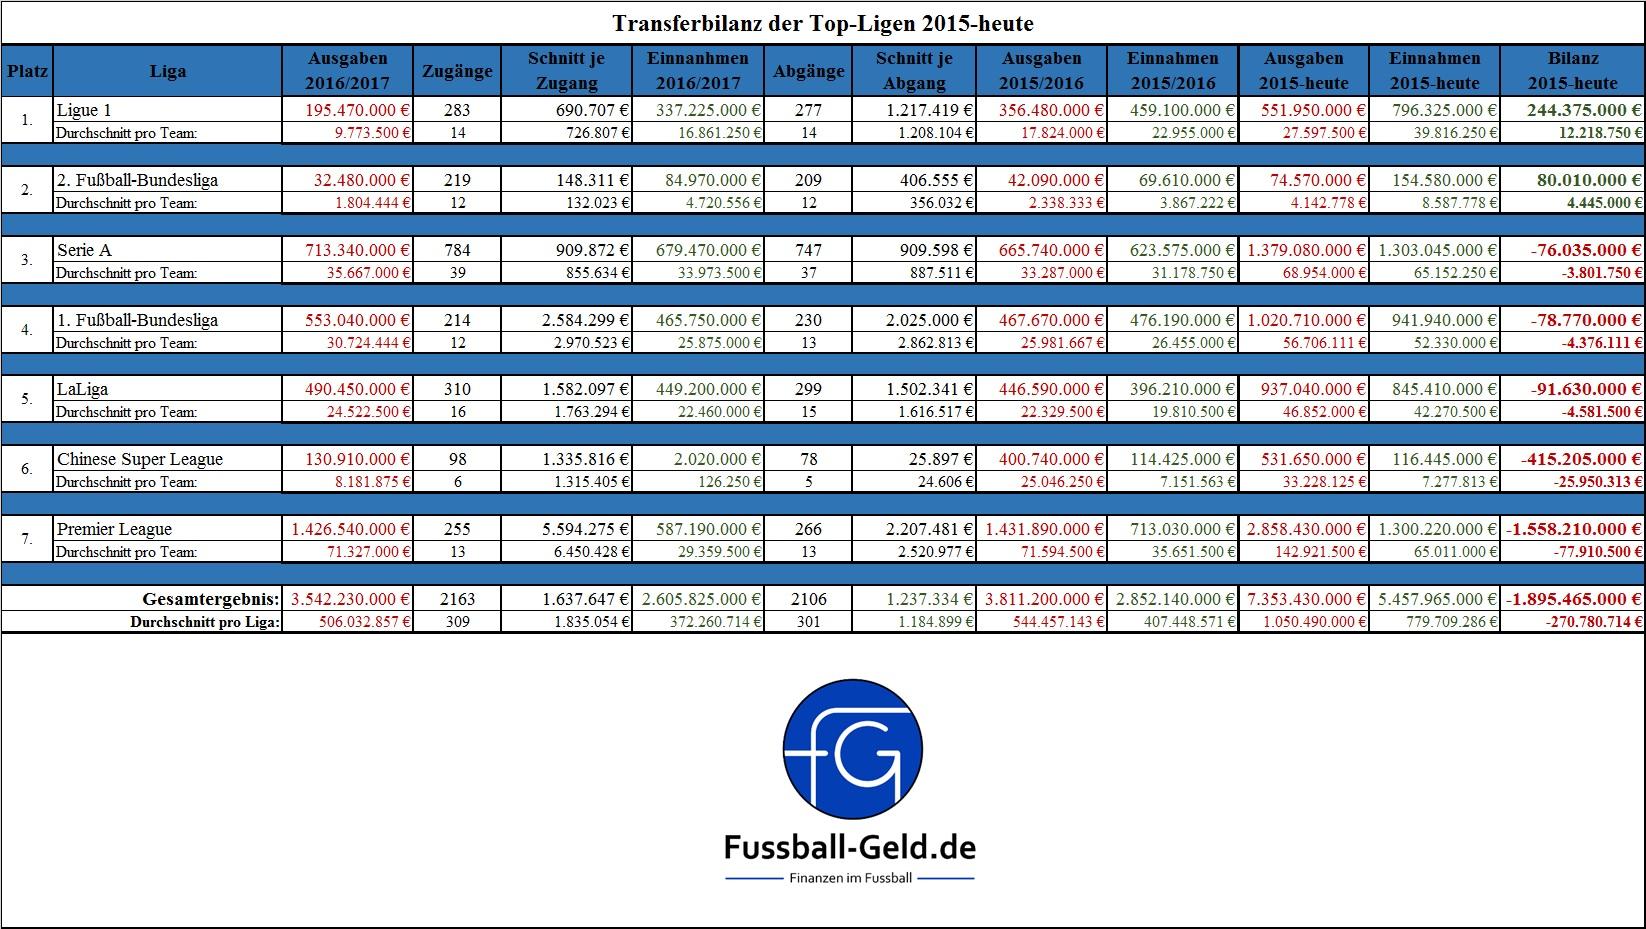 transfervergleich-der-ligen-2015-heute